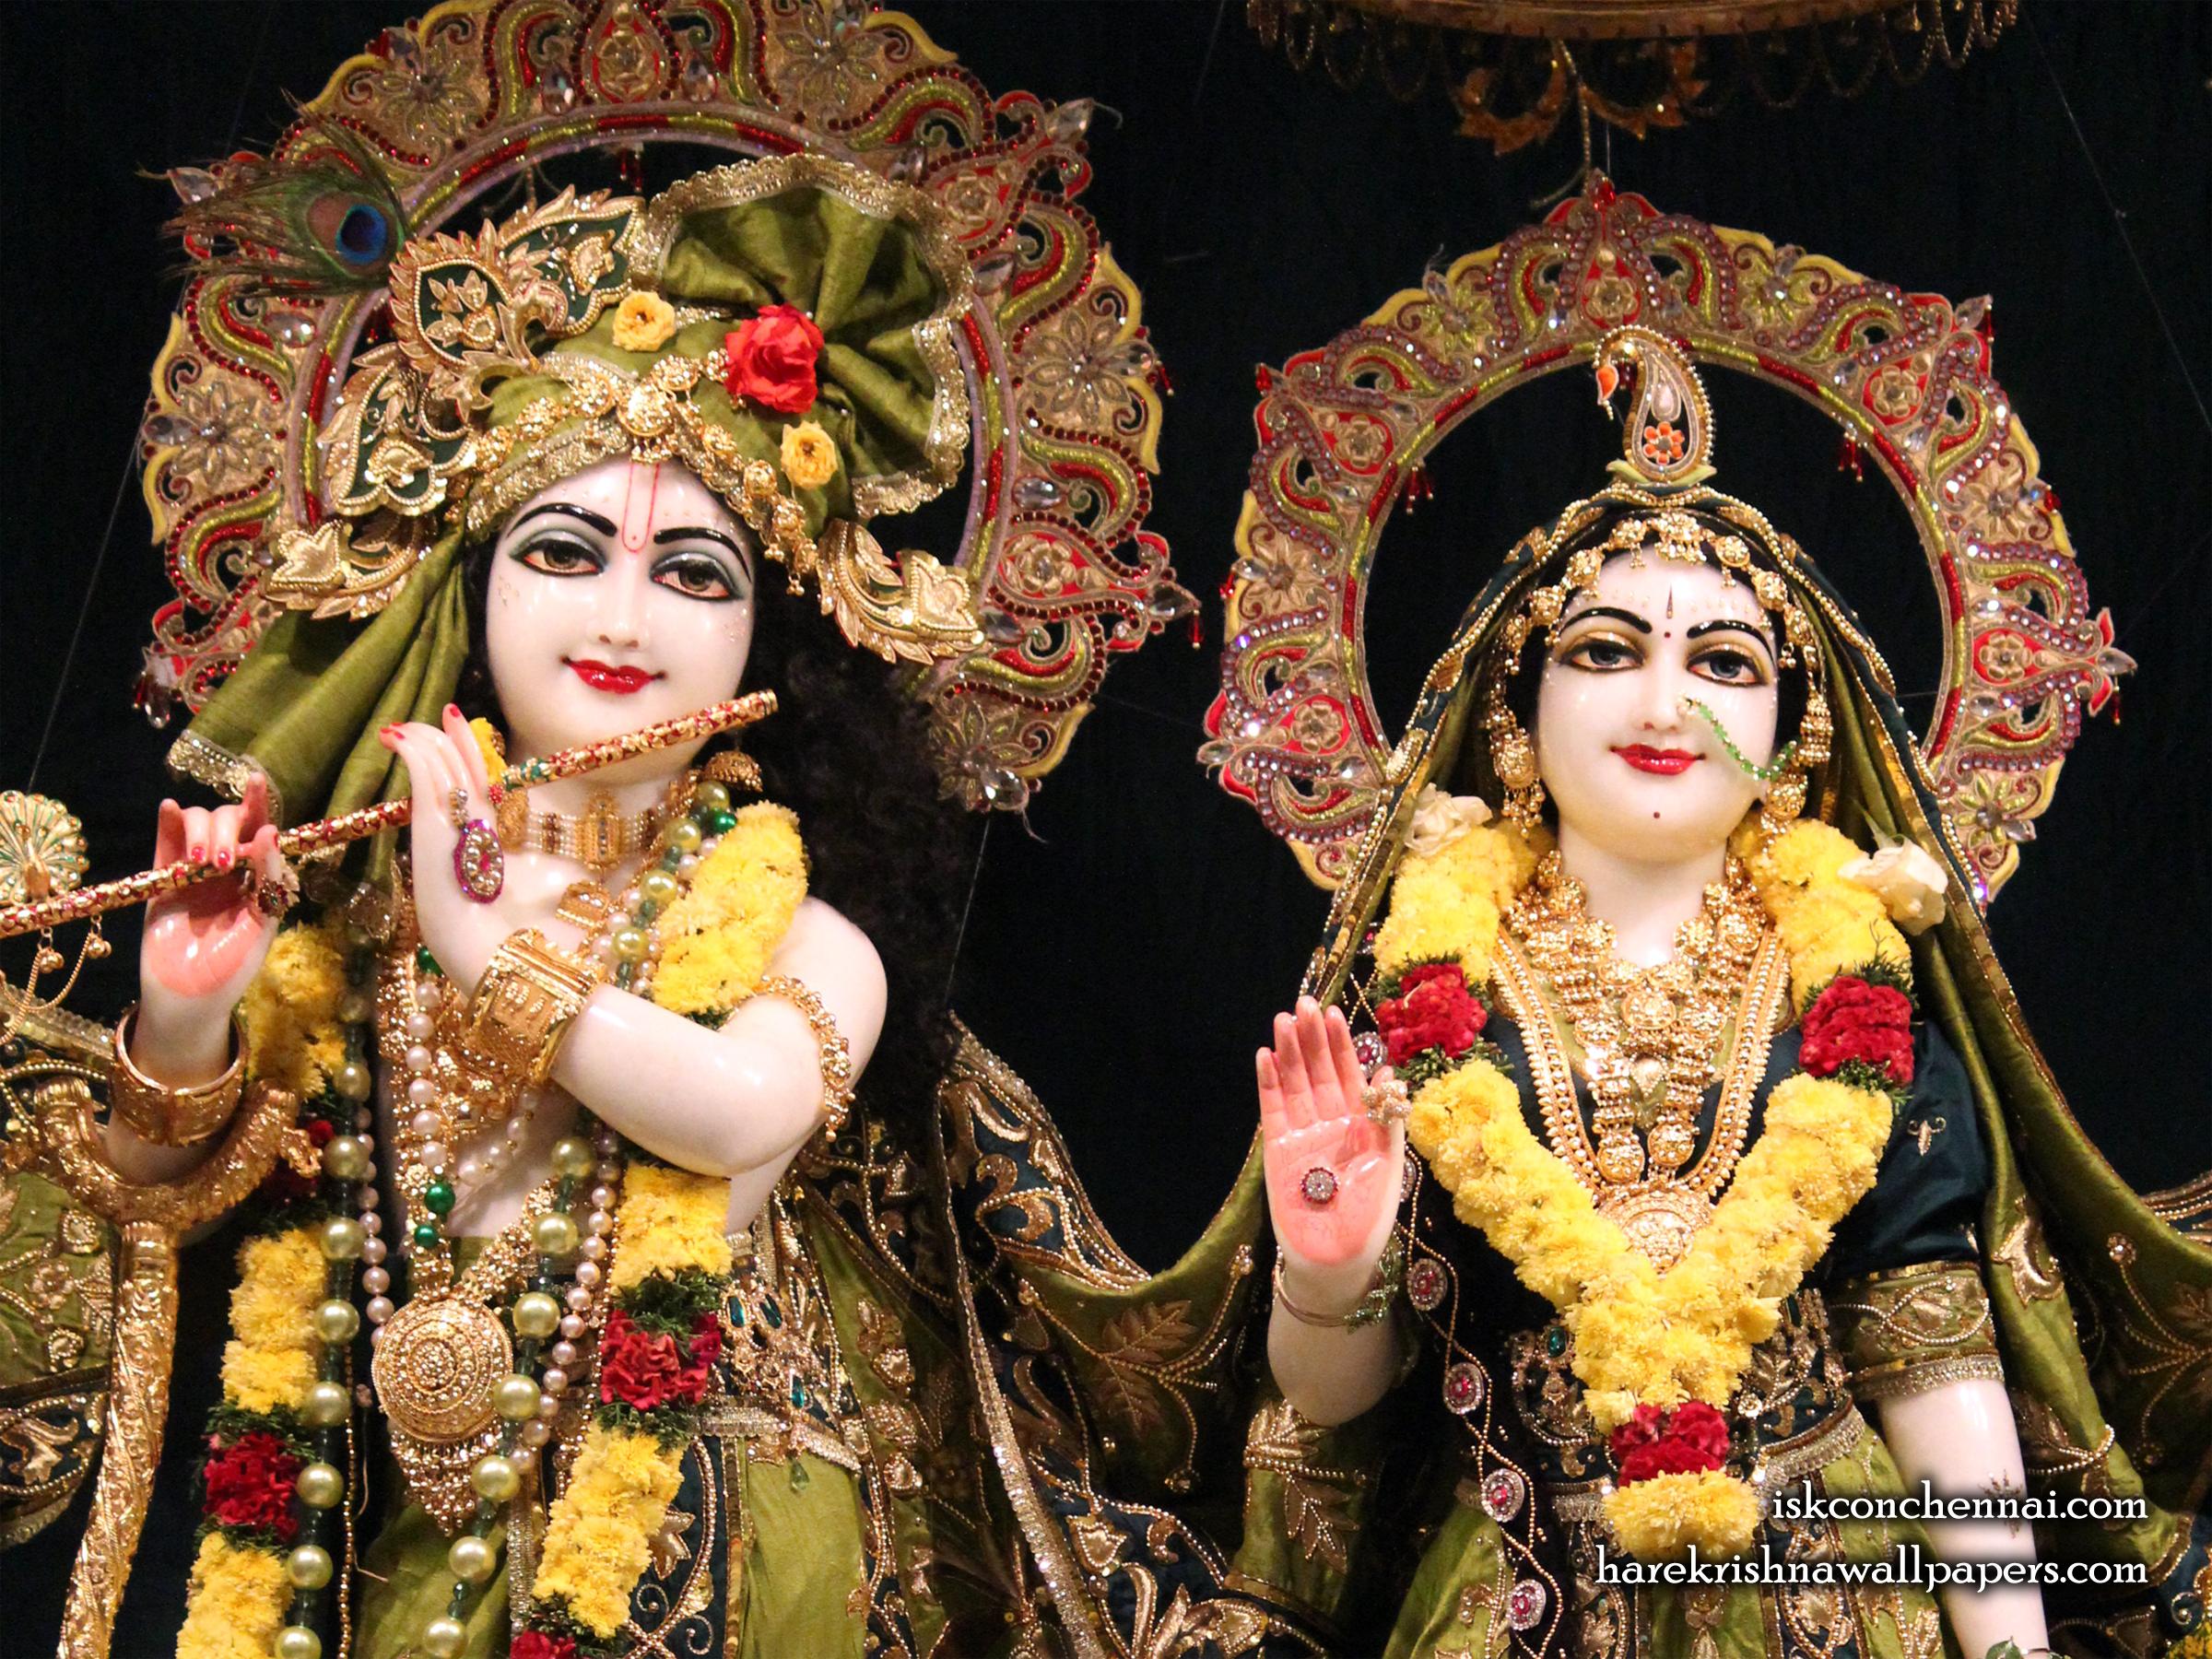 Sri Sri Radha Krishna Close up Wallpaper (017) Size 2400x1800 Download